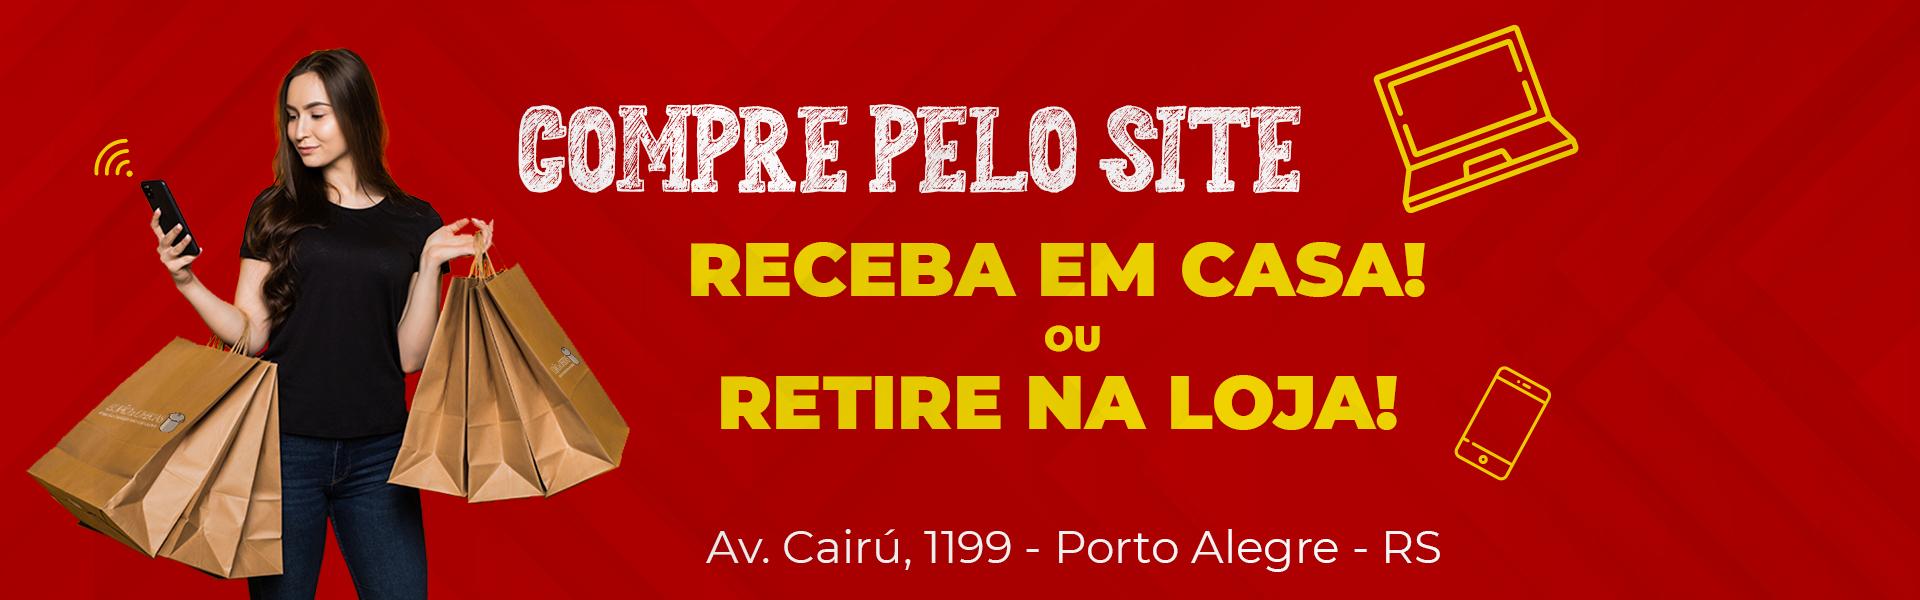 Banner Receba ou Retire